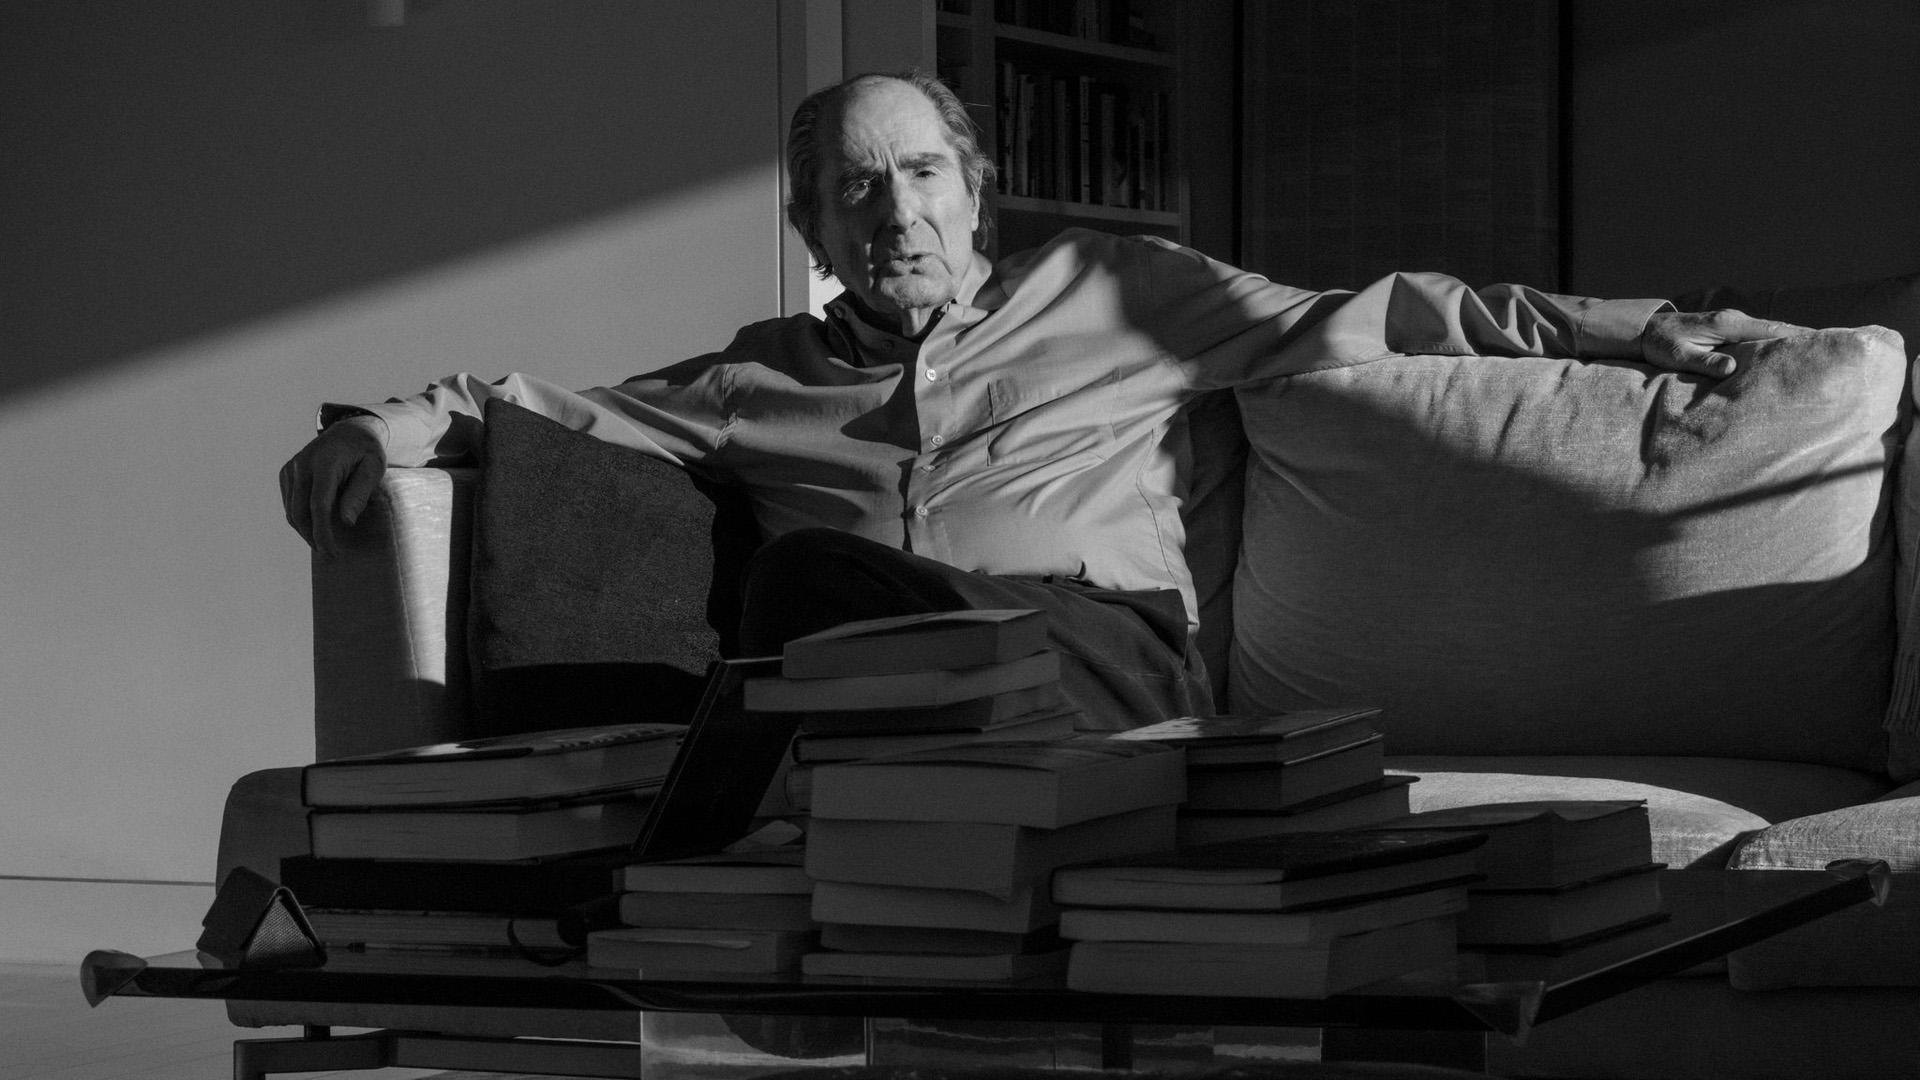 """Philip Roth, autor de """"Pastoral Americana"""", entre otras grandes obras, murió el martes 22 a los 85 años (Foto: Crédito Philip Montgomery / The New York Times)"""